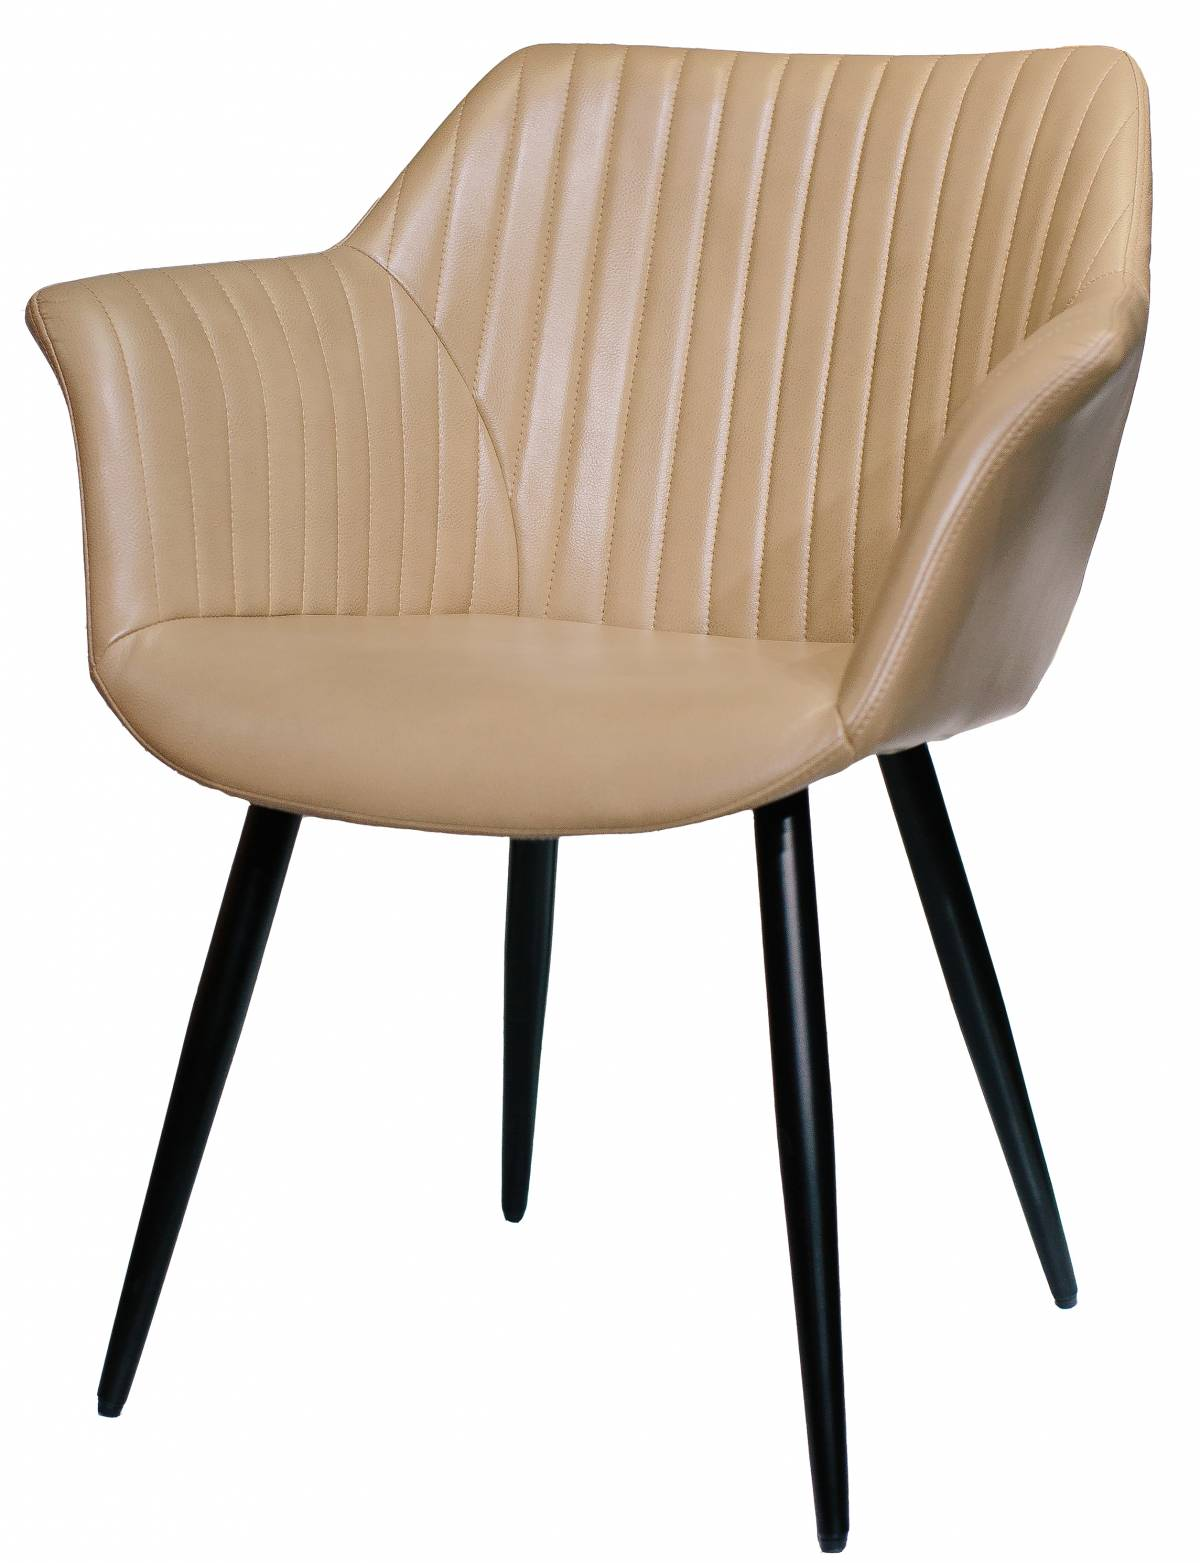 Купить деревянный стул из экокожи с подлокотниками Blues в Raroom